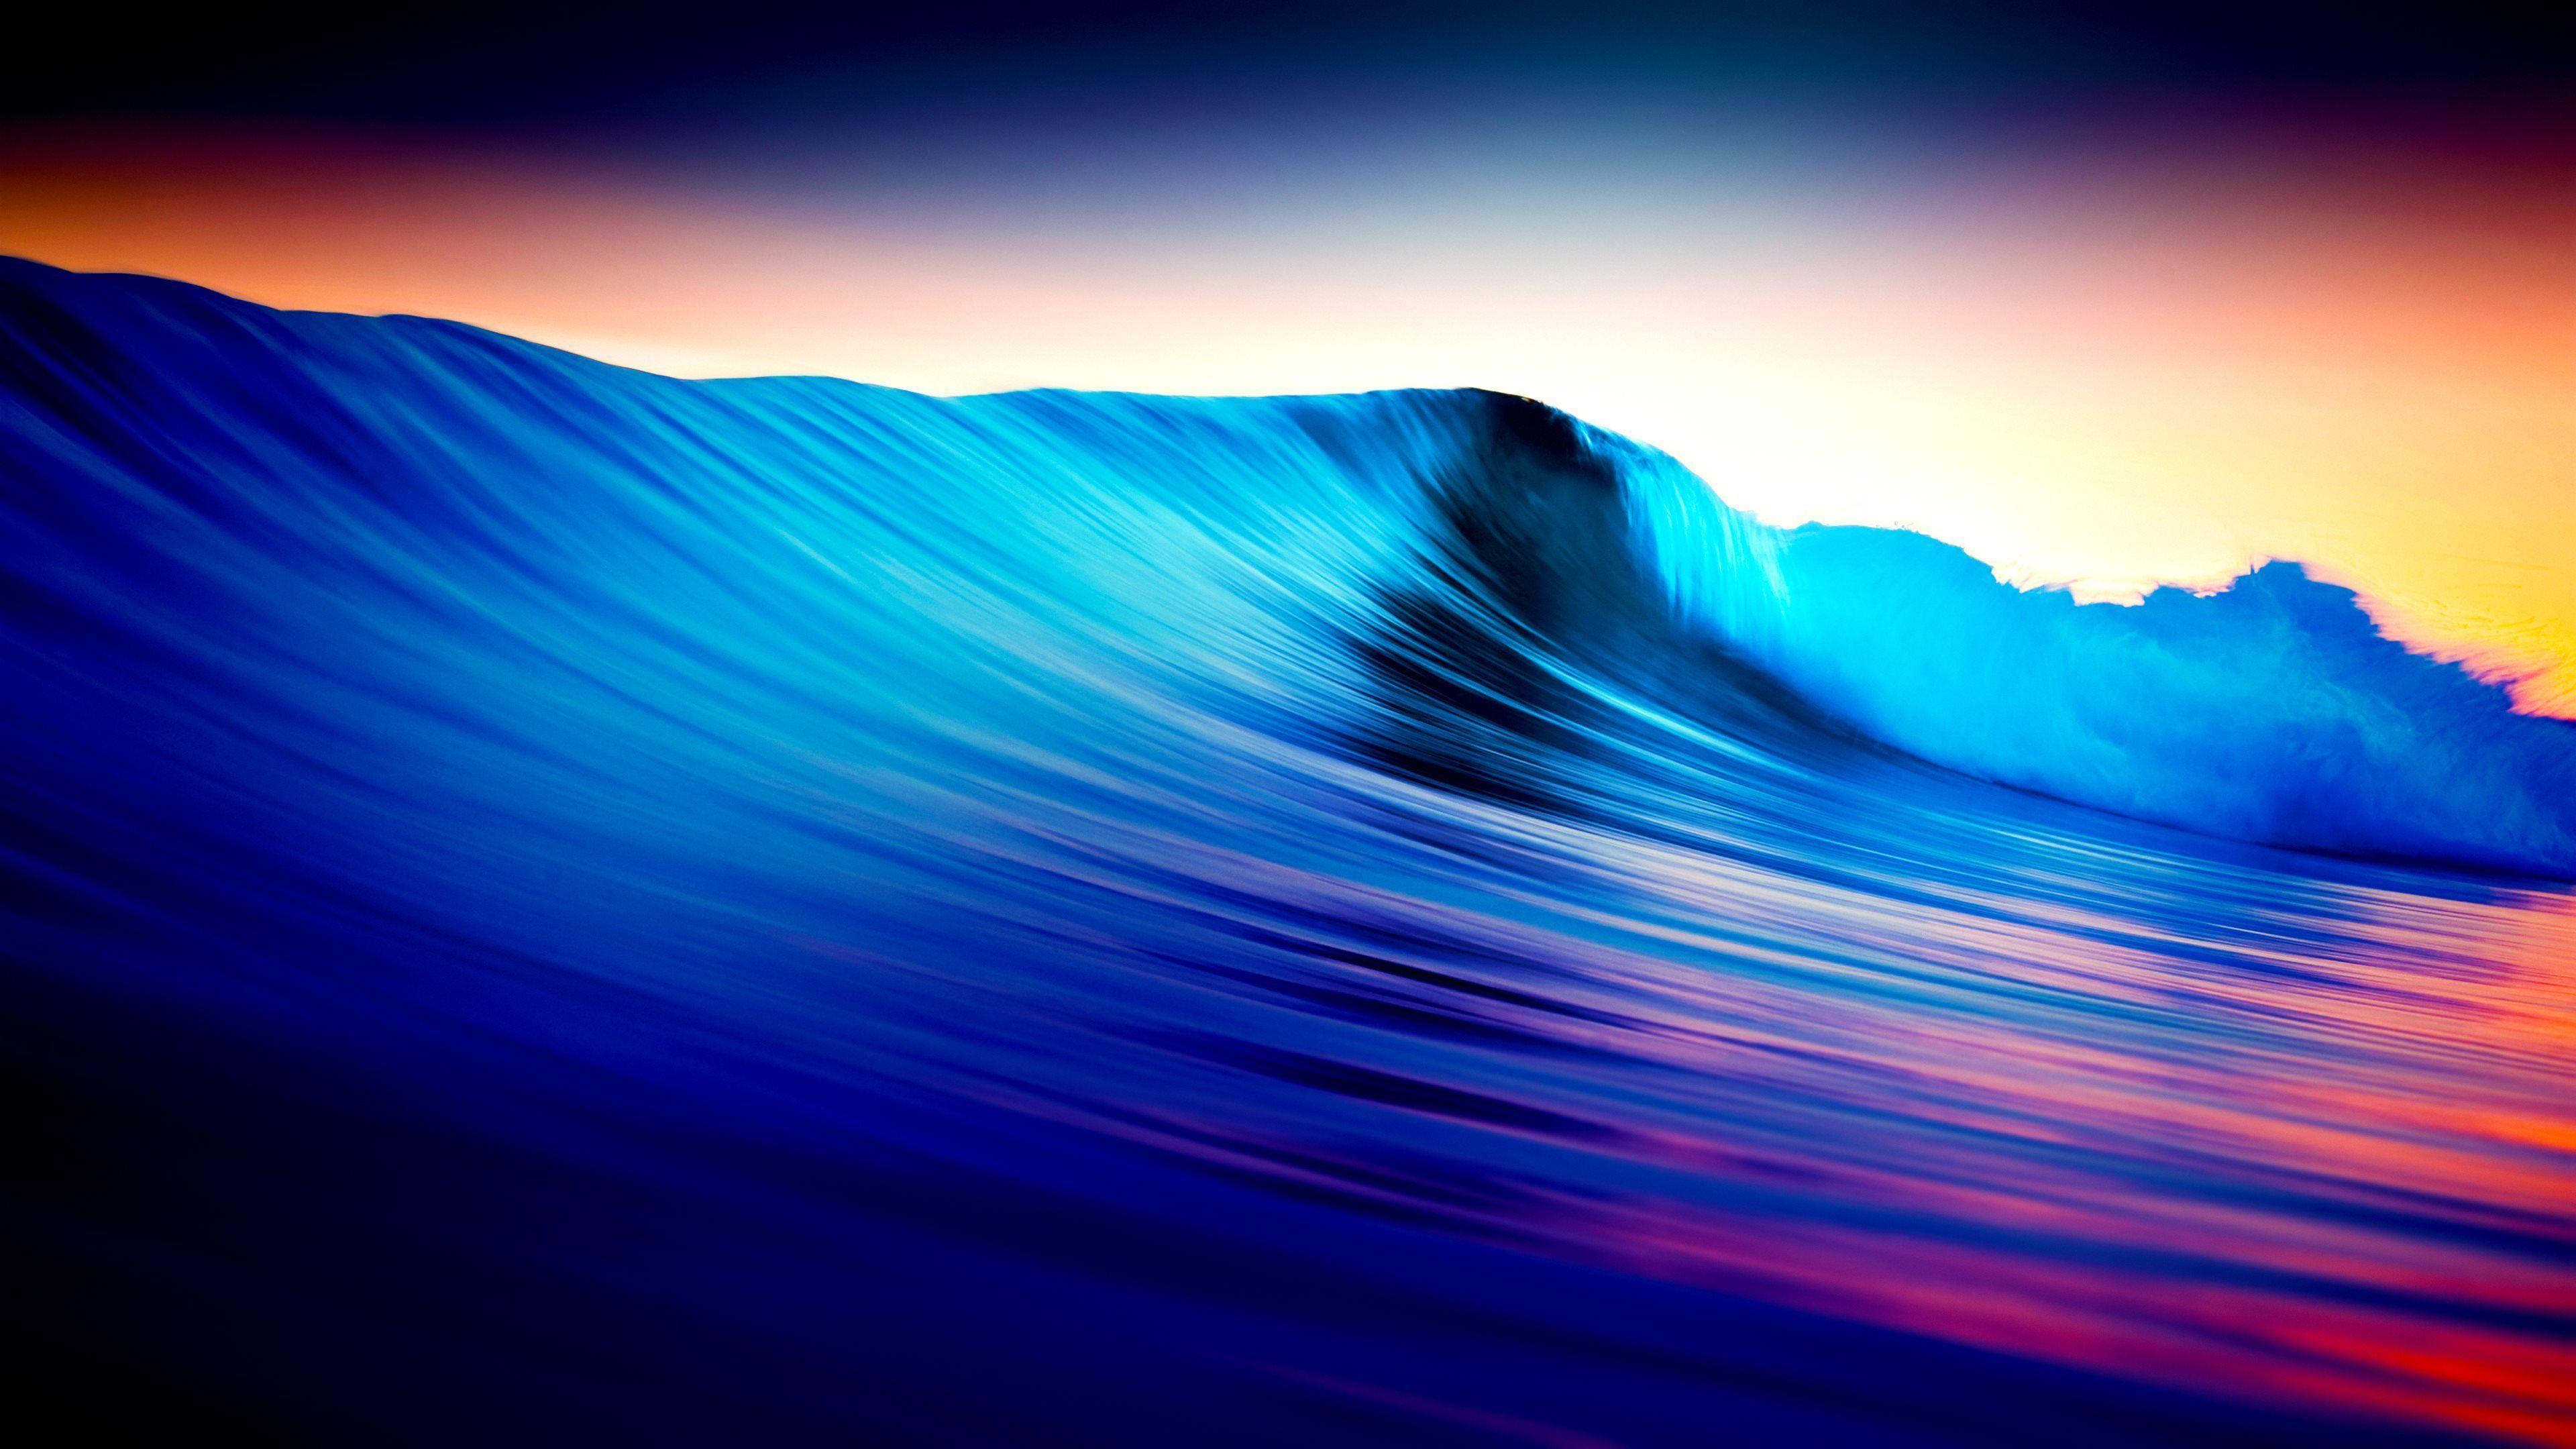 4k Ultra Hd Water Wallpapers Top Free 4k Ultra Hd Water